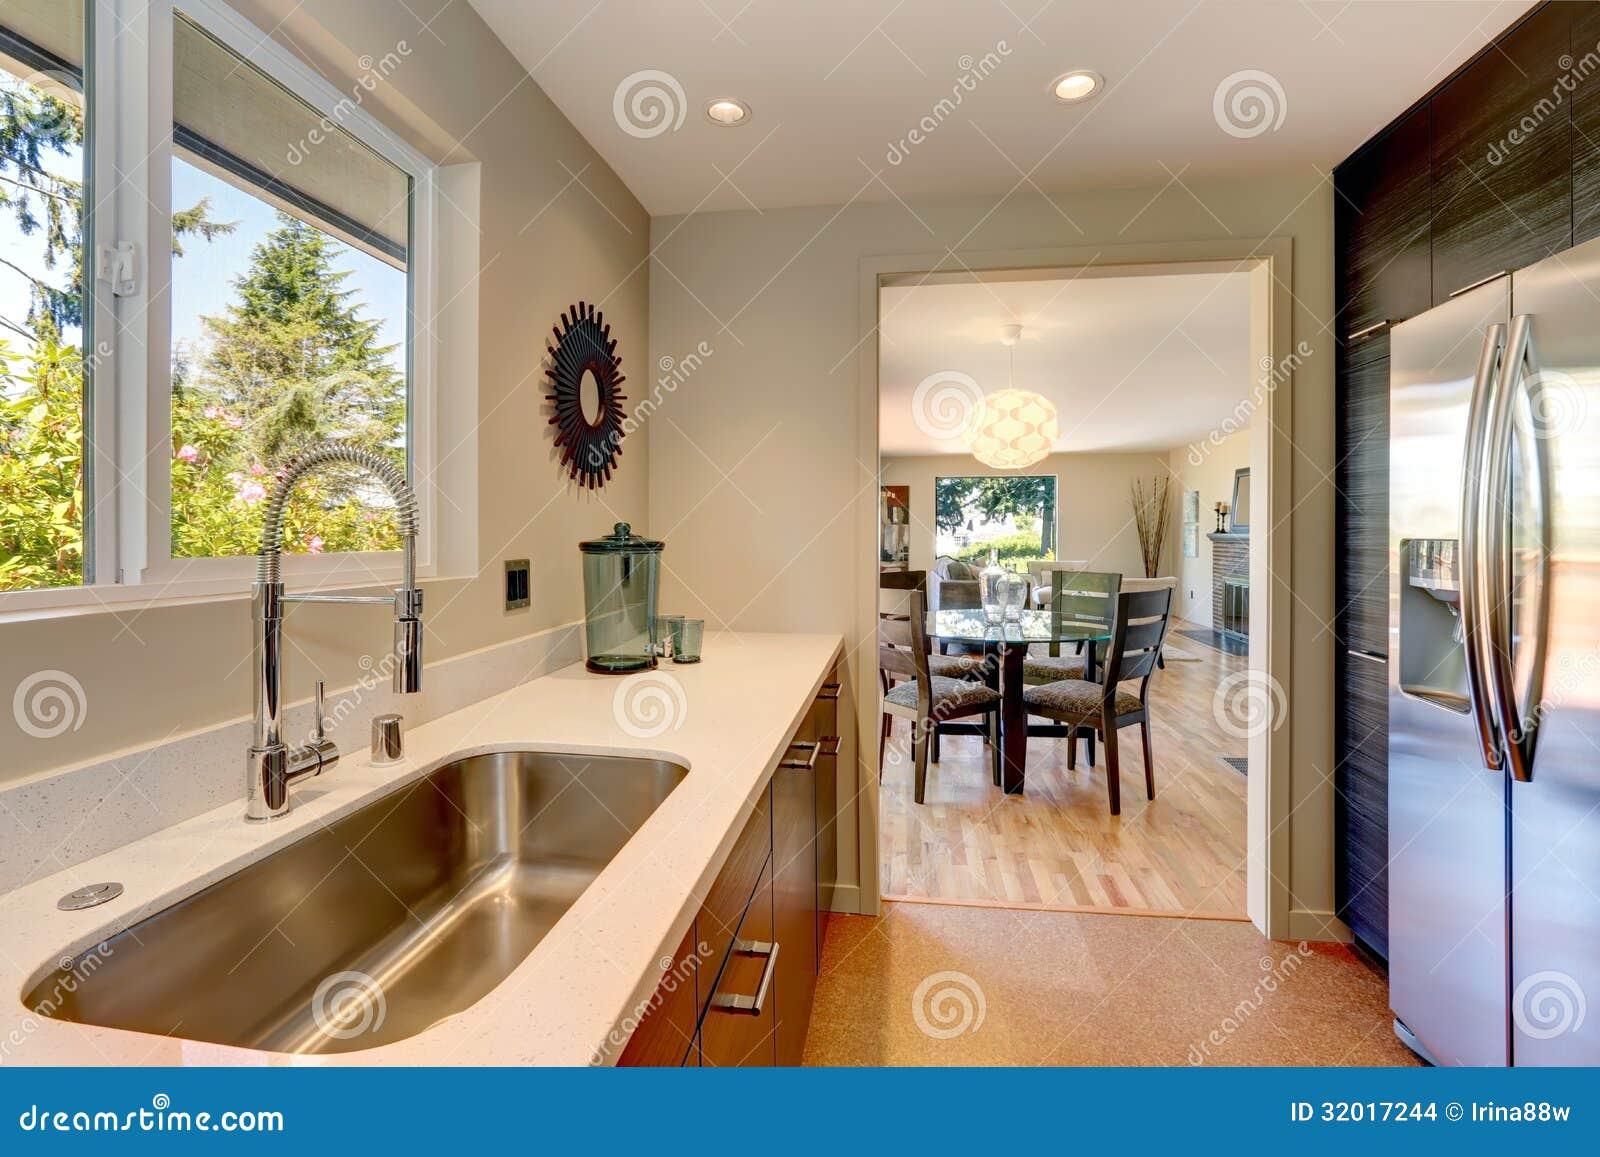 Moderne kleine nieuwe keuken met grote gootsteen en witte countertops stock afbeeldingen - Kleine keuken ...